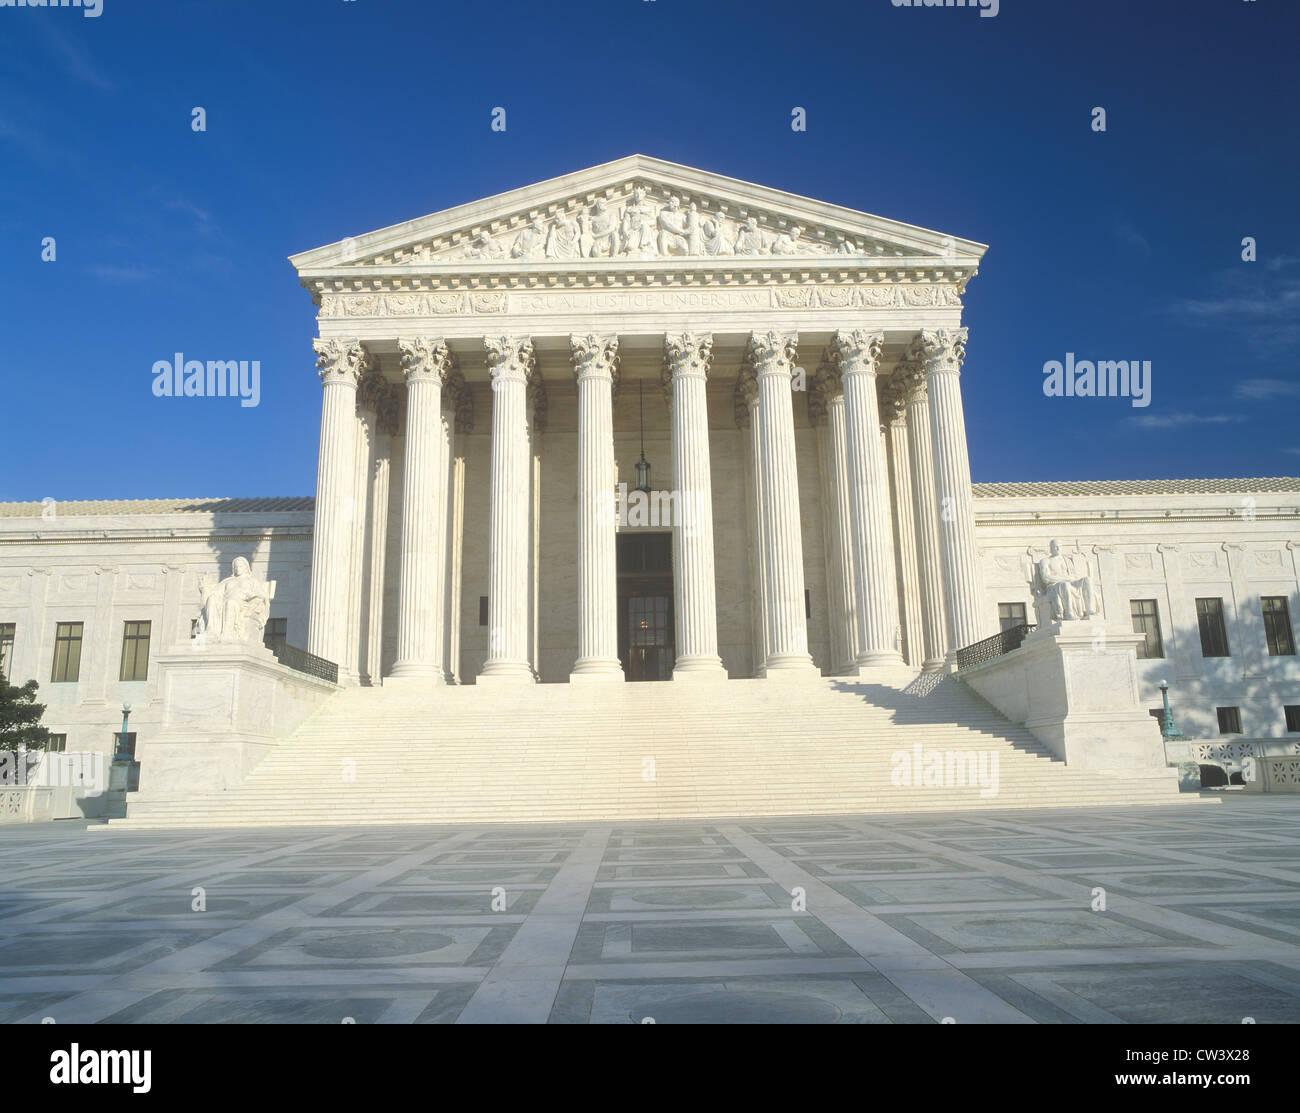 U.S. Supreme Court Building, Washington D.C. - Stock Image